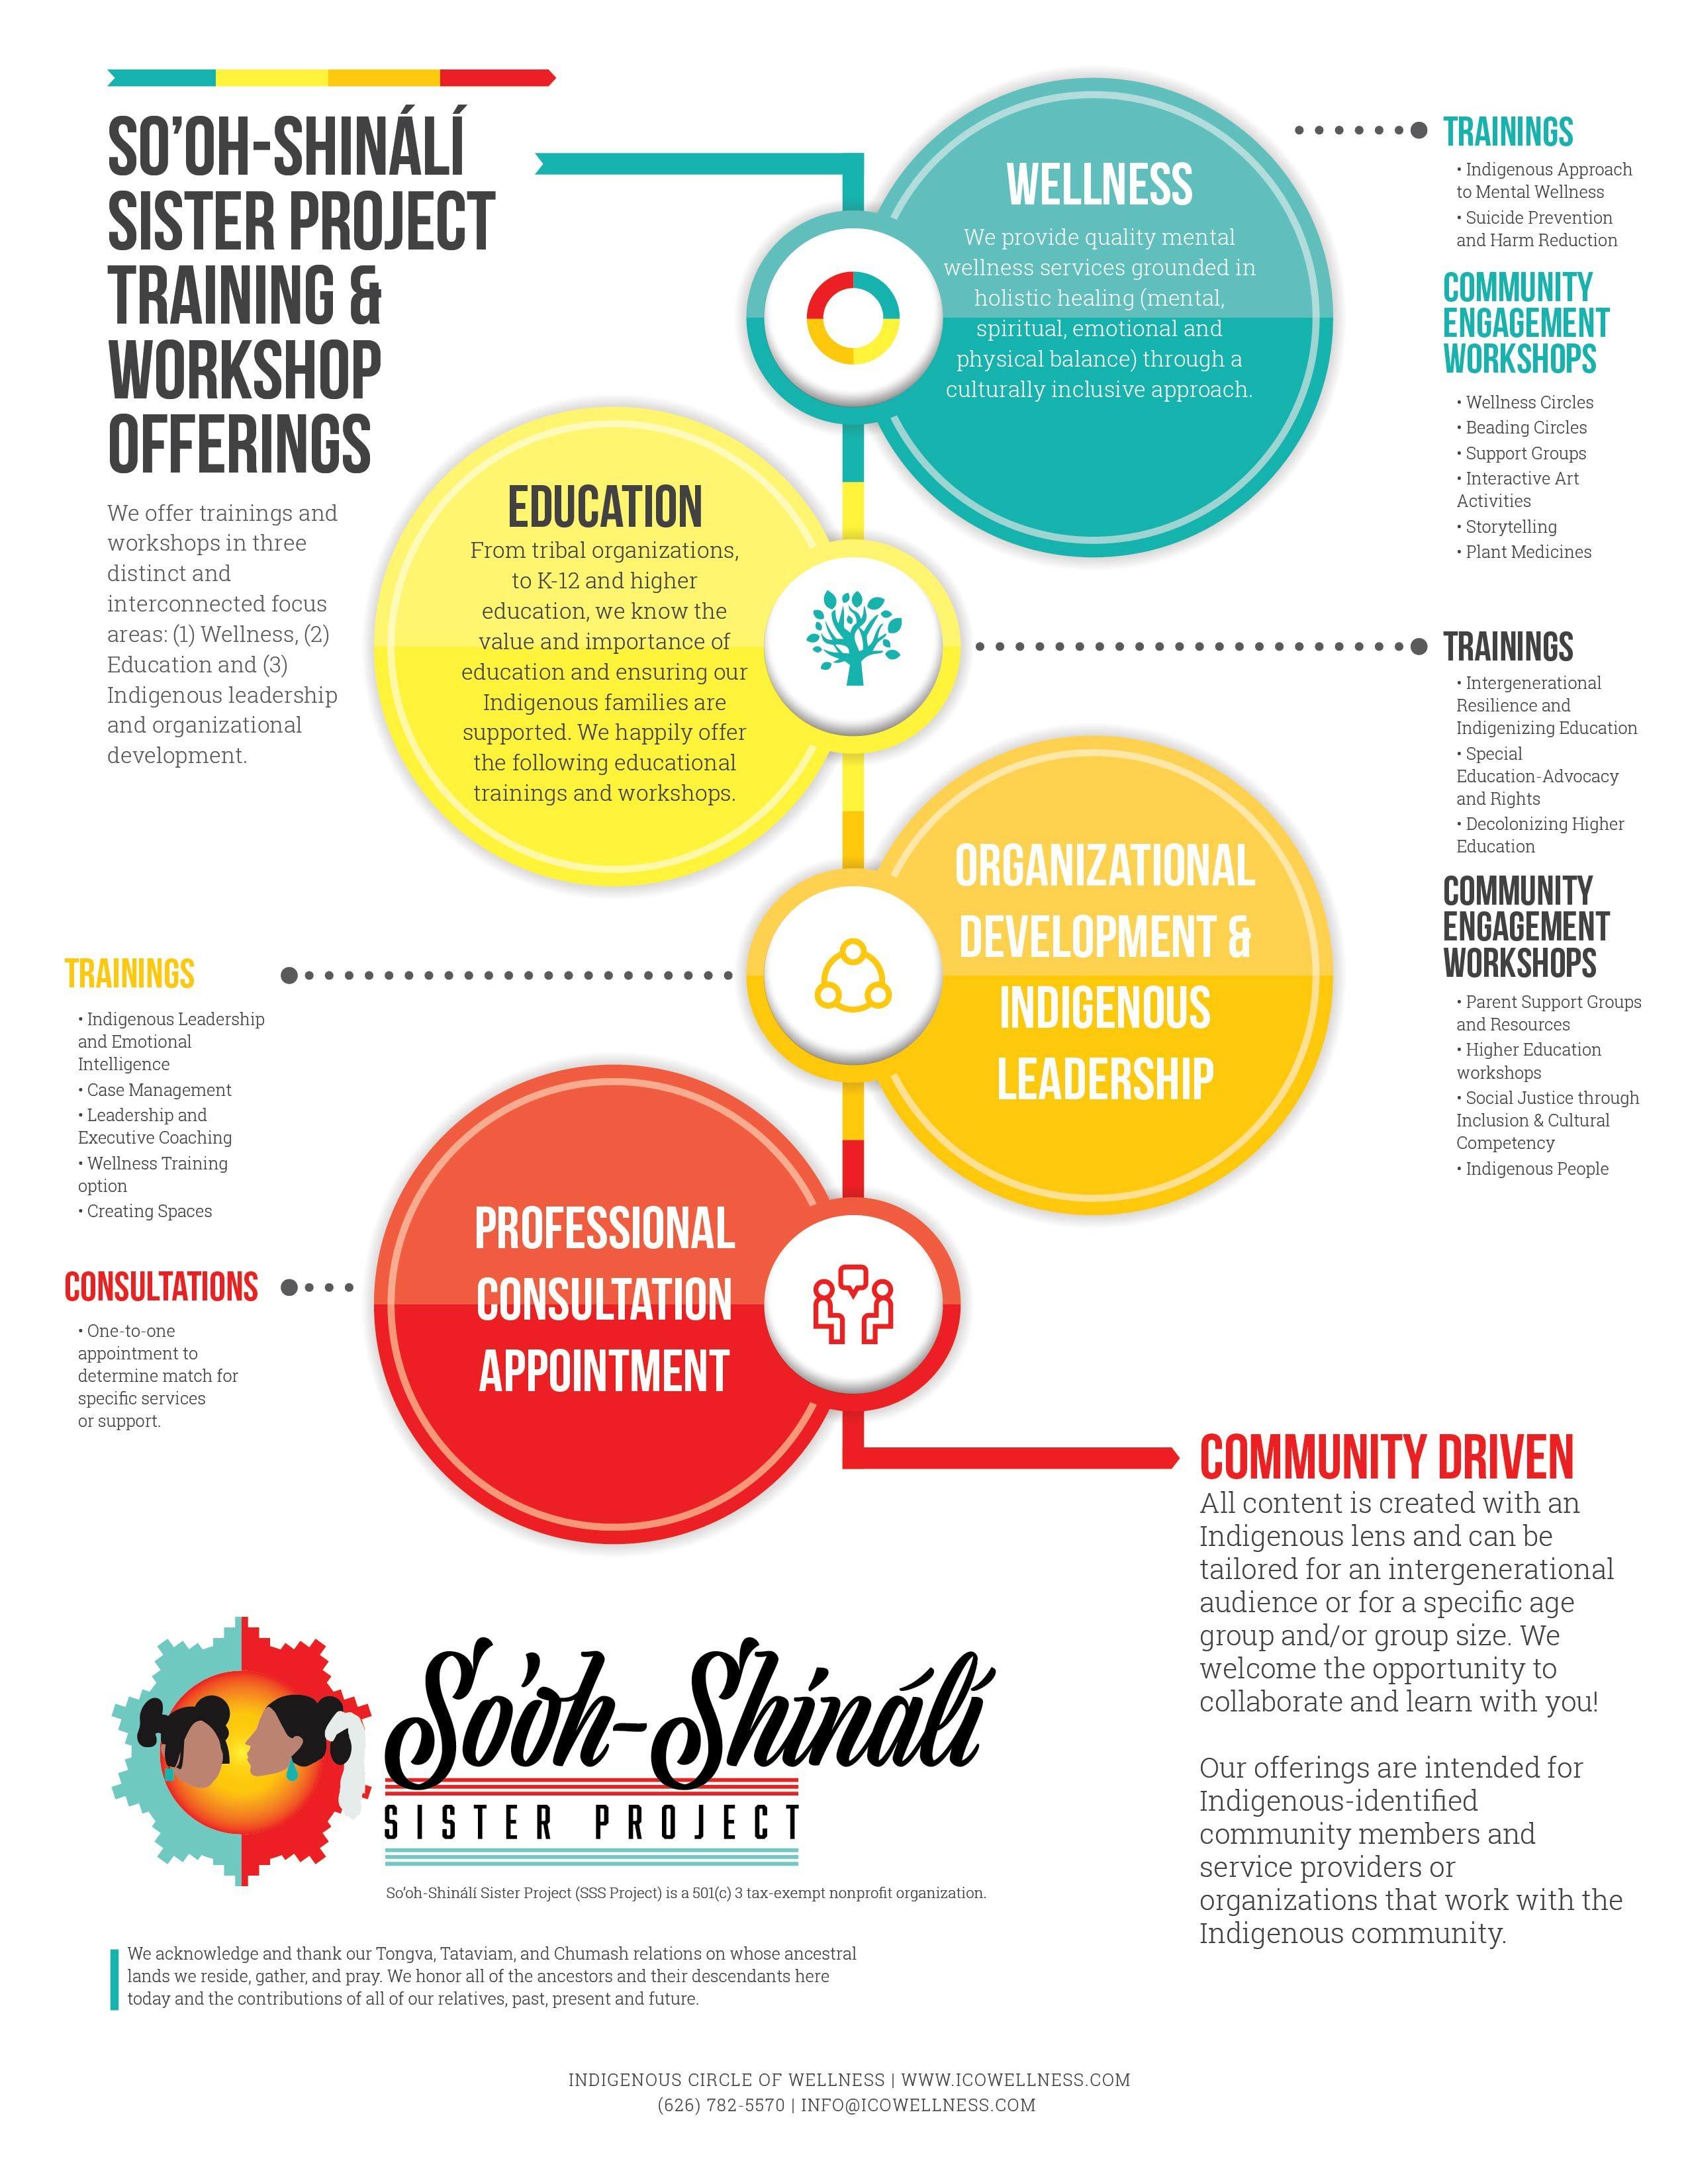 http://icowellness.com/wp-content/uploads/2020/07/SSSP-Training-Guide-new-cov-01-2550x3300.jpg